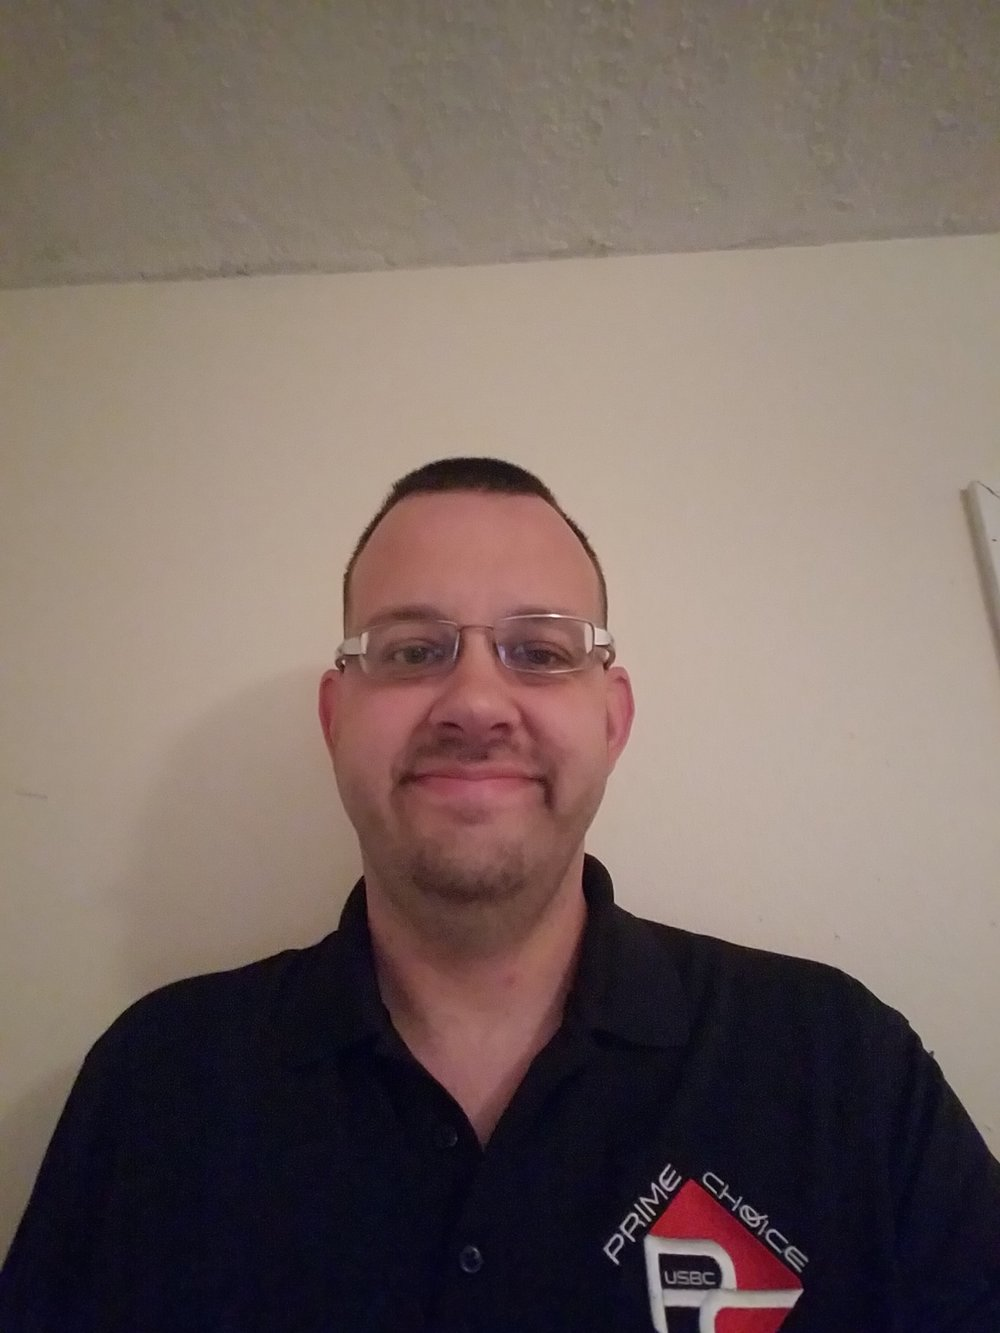 R3-8599 Josh Kennedy